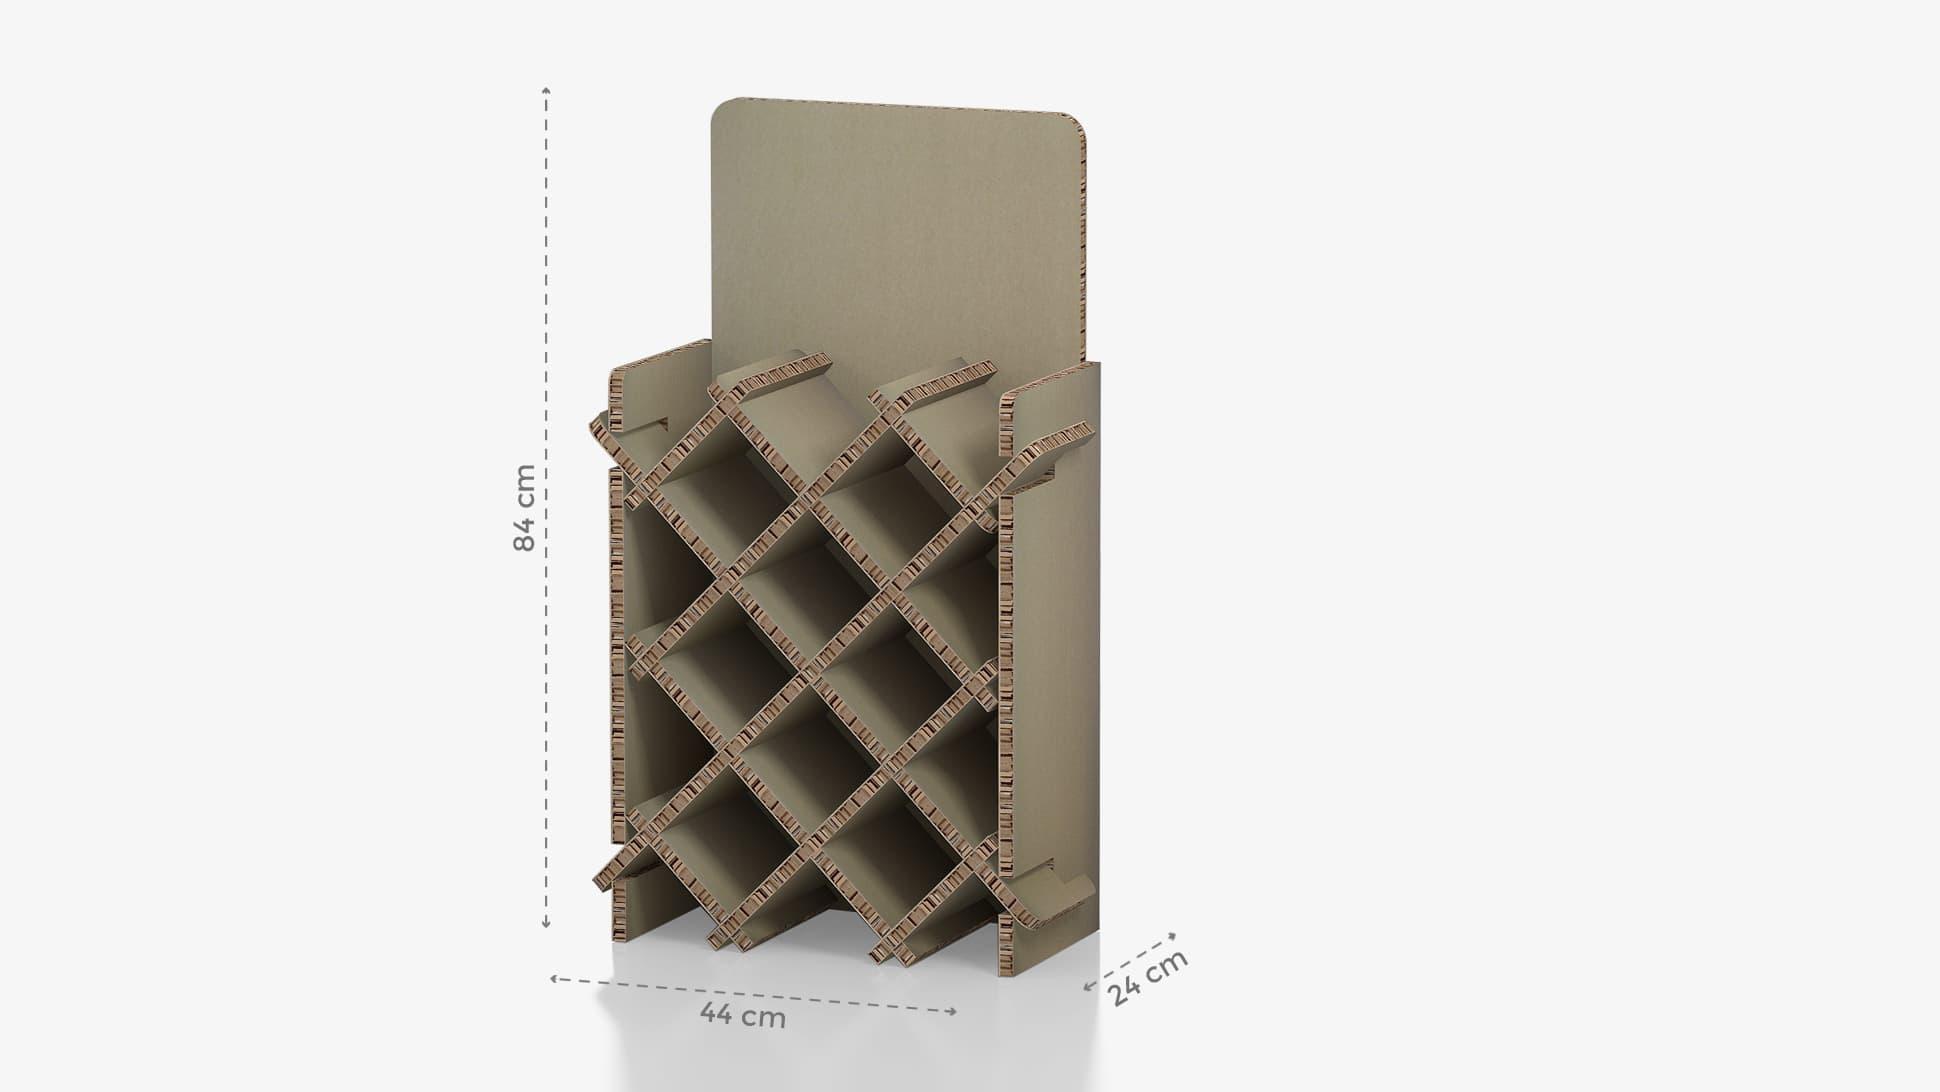 Portabottiglie medio con grafica personalizzabile | tictac.it